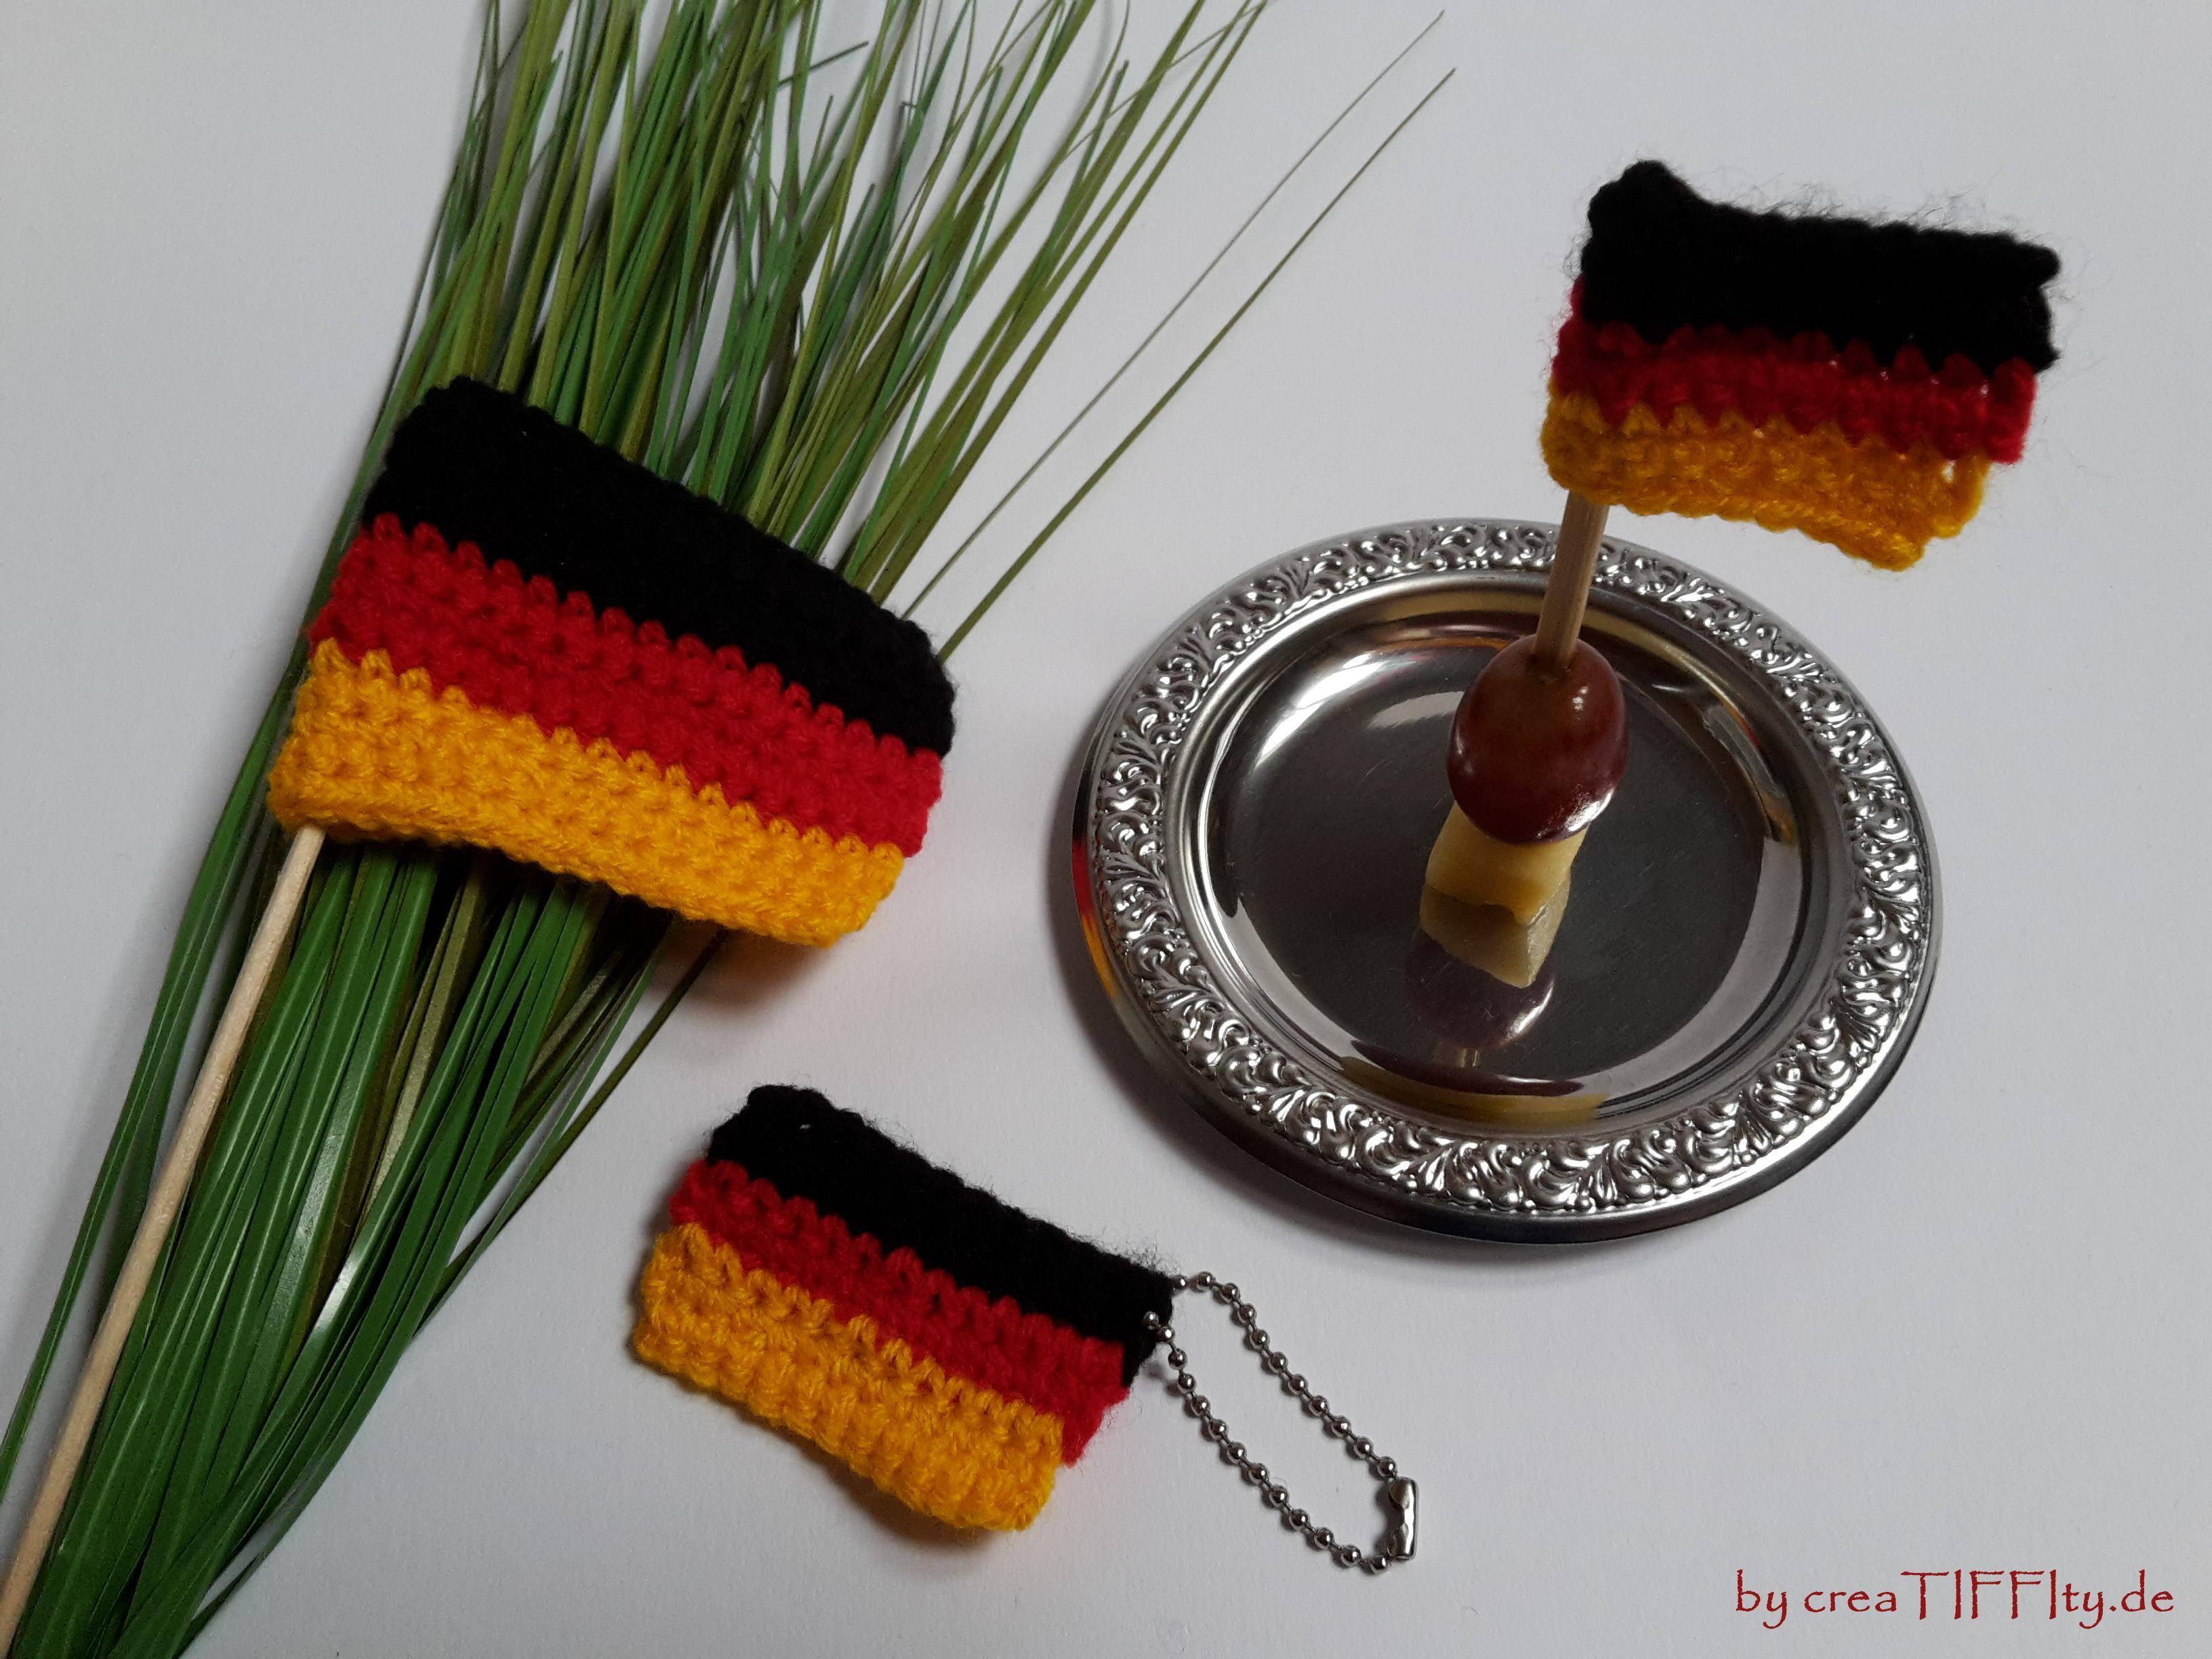 Fußball Fan – Set Deutschland. FreeBook von creaTIFFIty.de #Häkeln #Häkelanleitung #DIY #creaTIFFIty #Makerist #MyBoshi